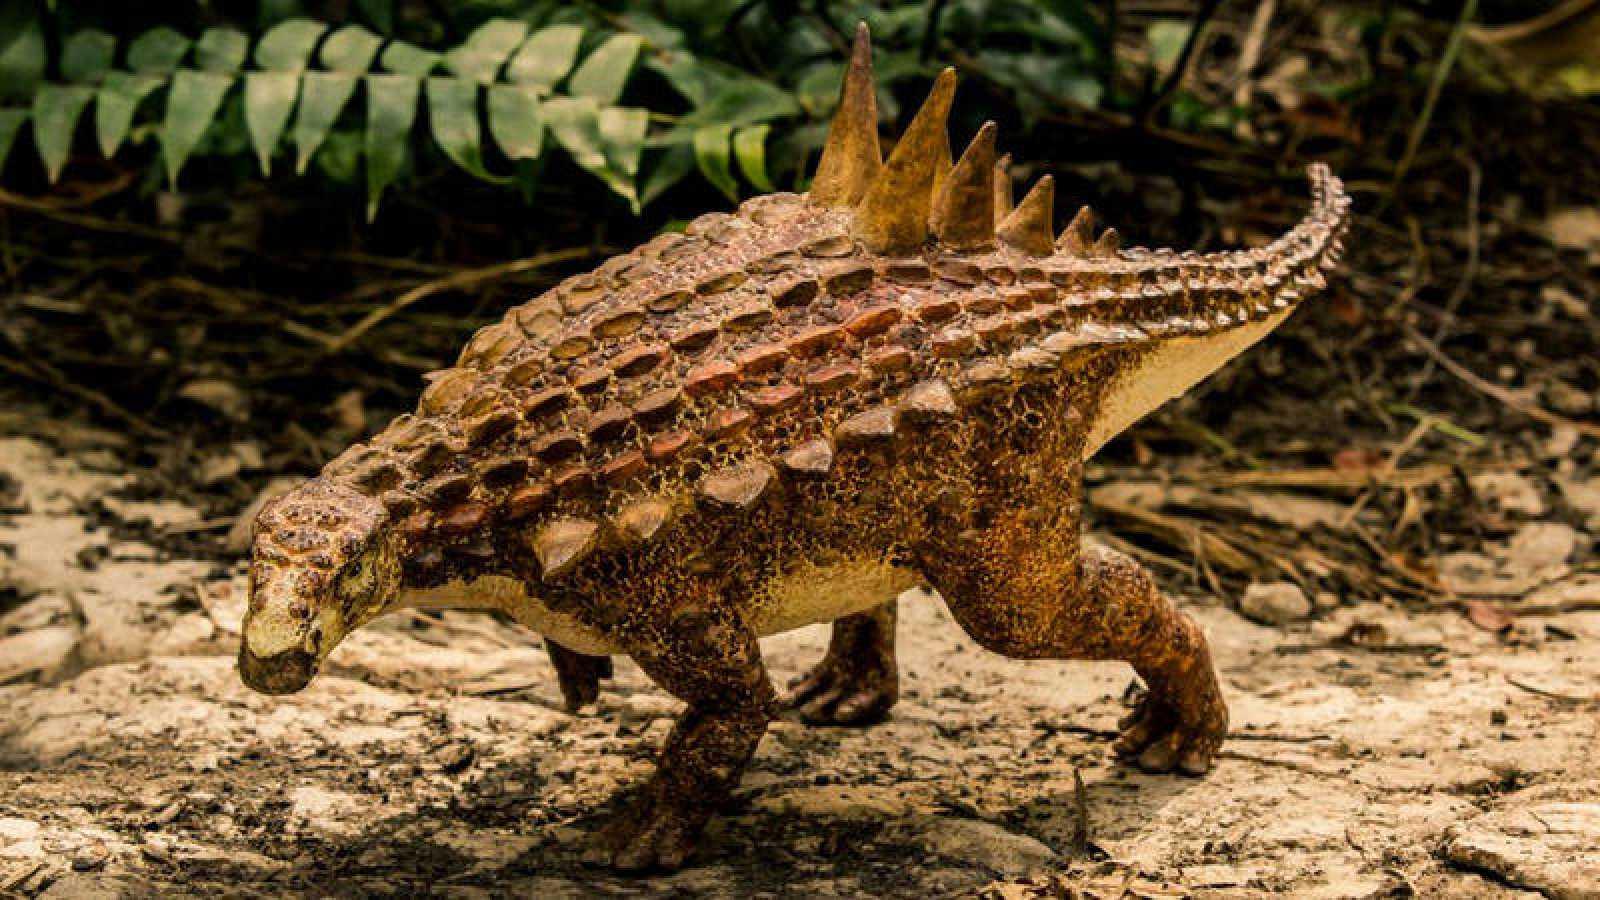 Hallan Nueva Especie De Dinosaurio En Mexico Rtve Paisajes de baja california pasado y presente. hallan nueva especie de dinosaurio en